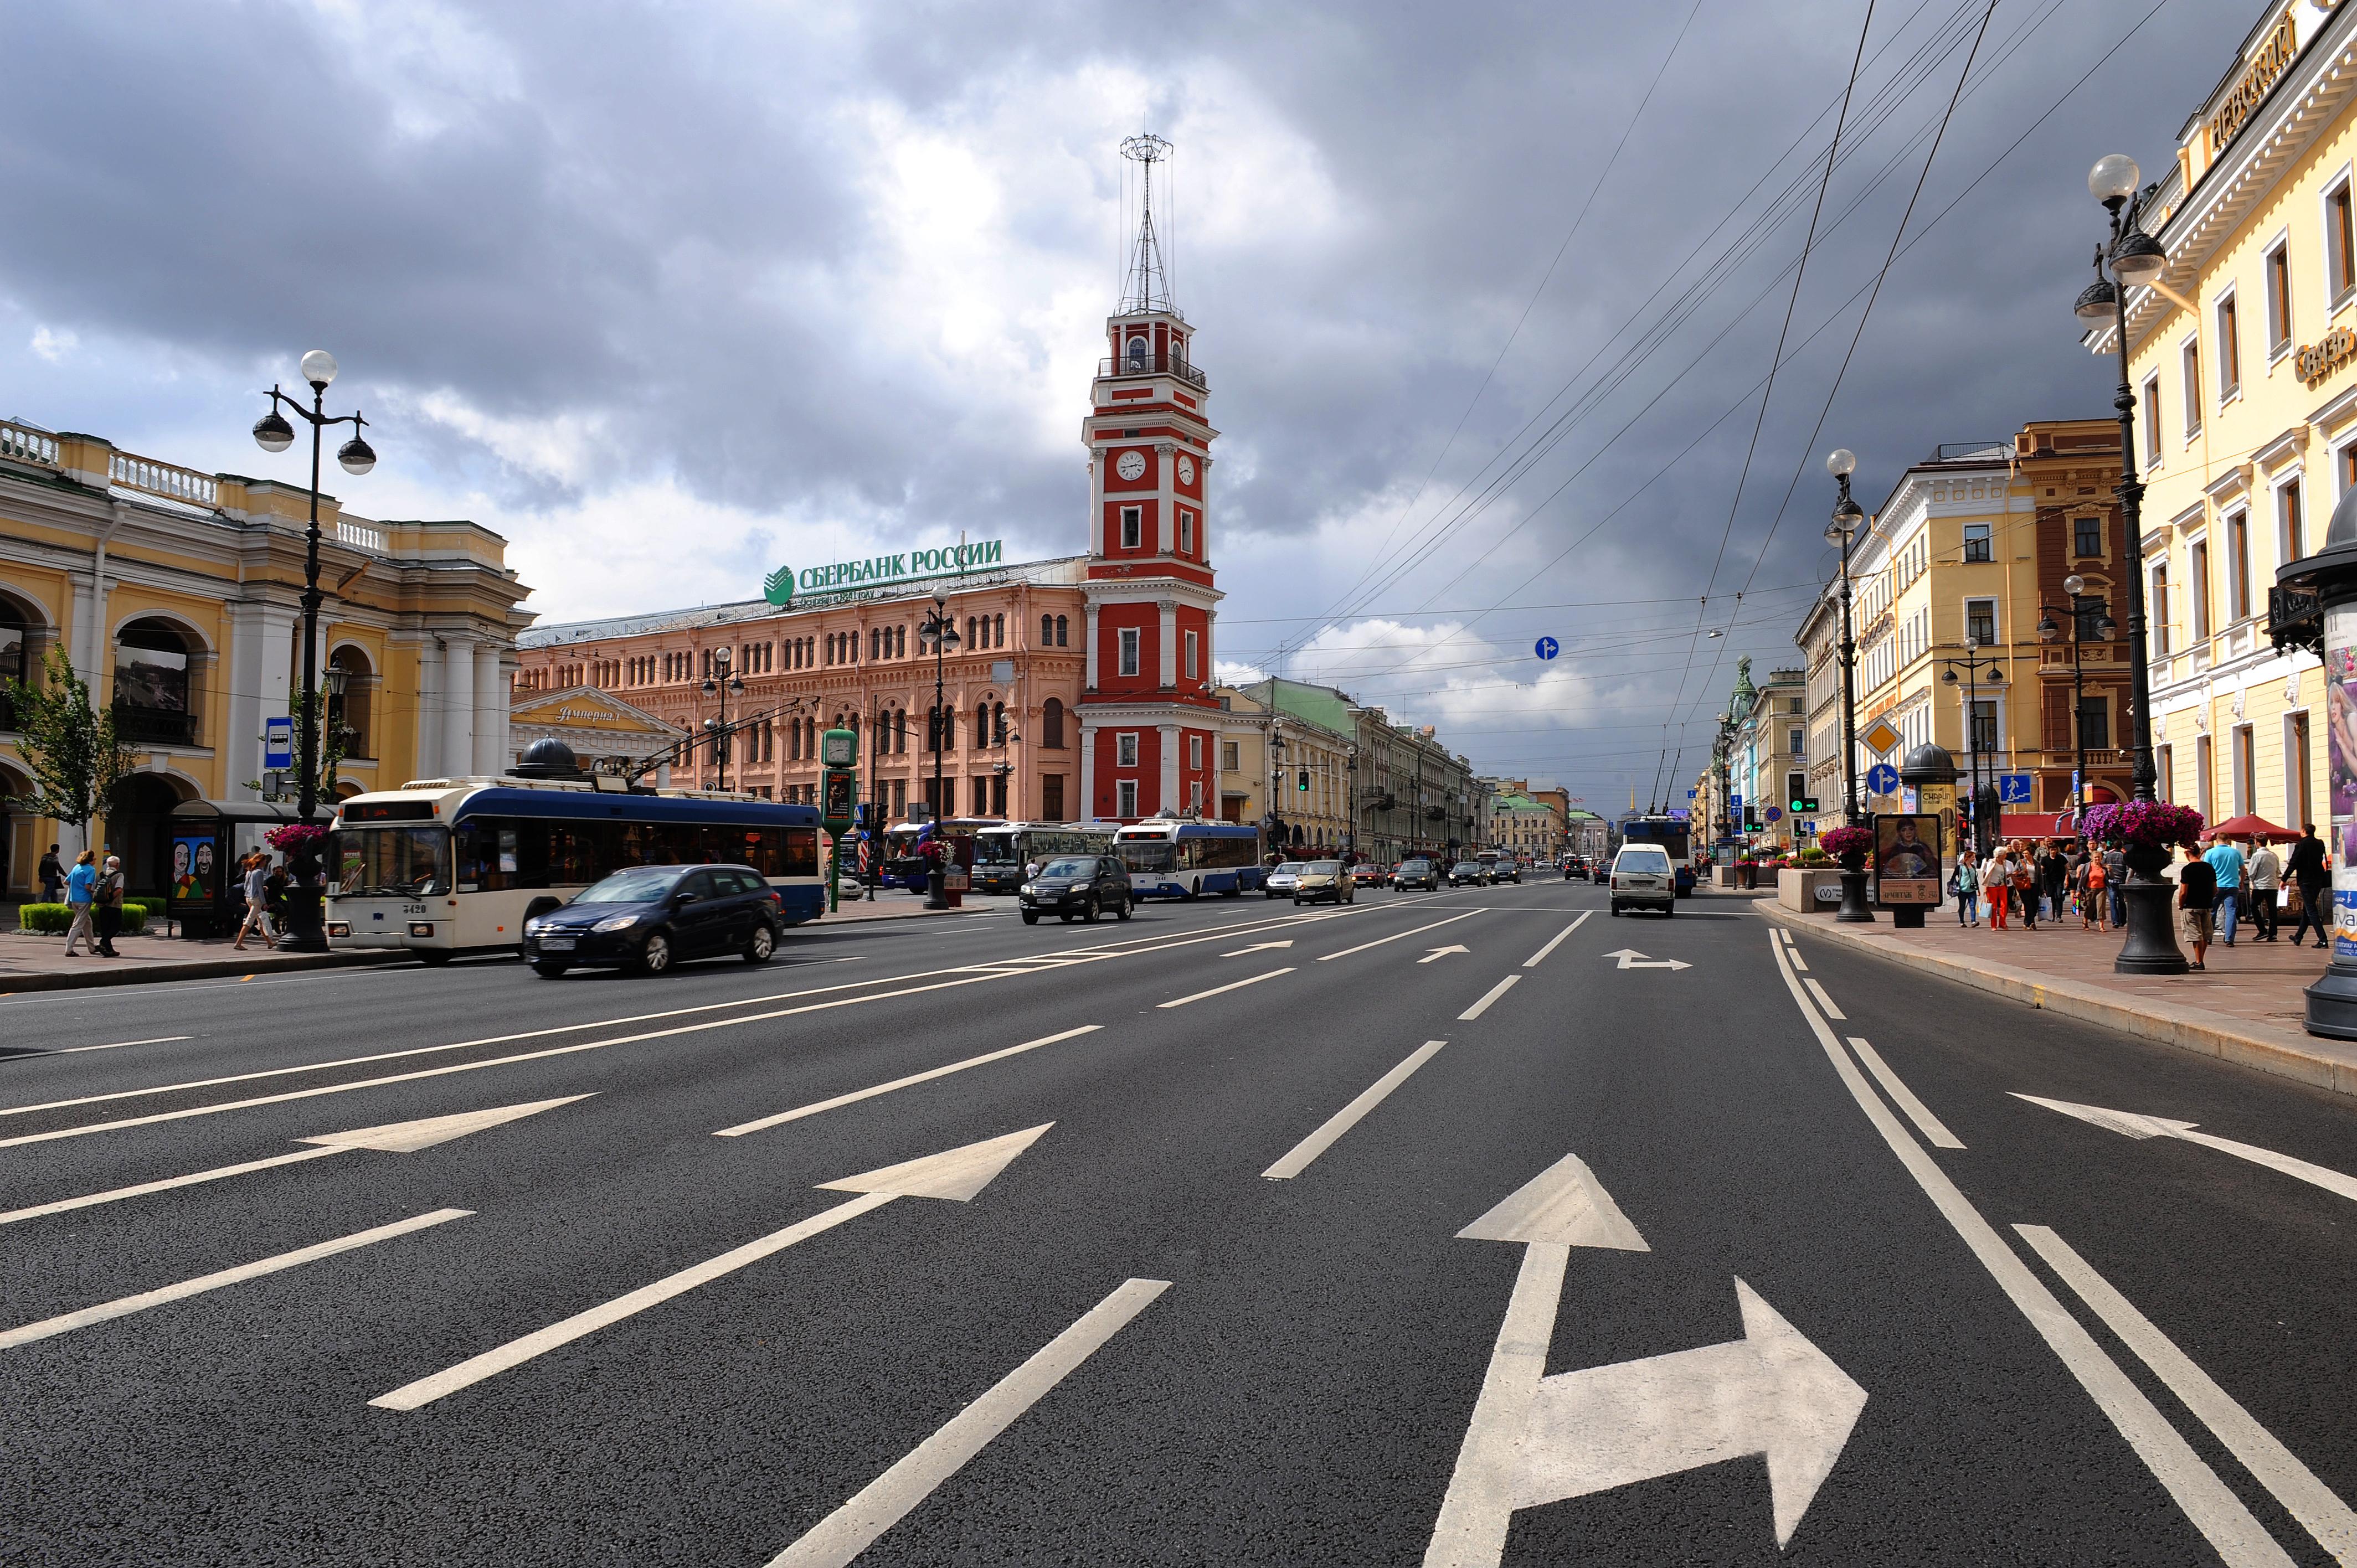 С петербург голые в городе 7 фотография